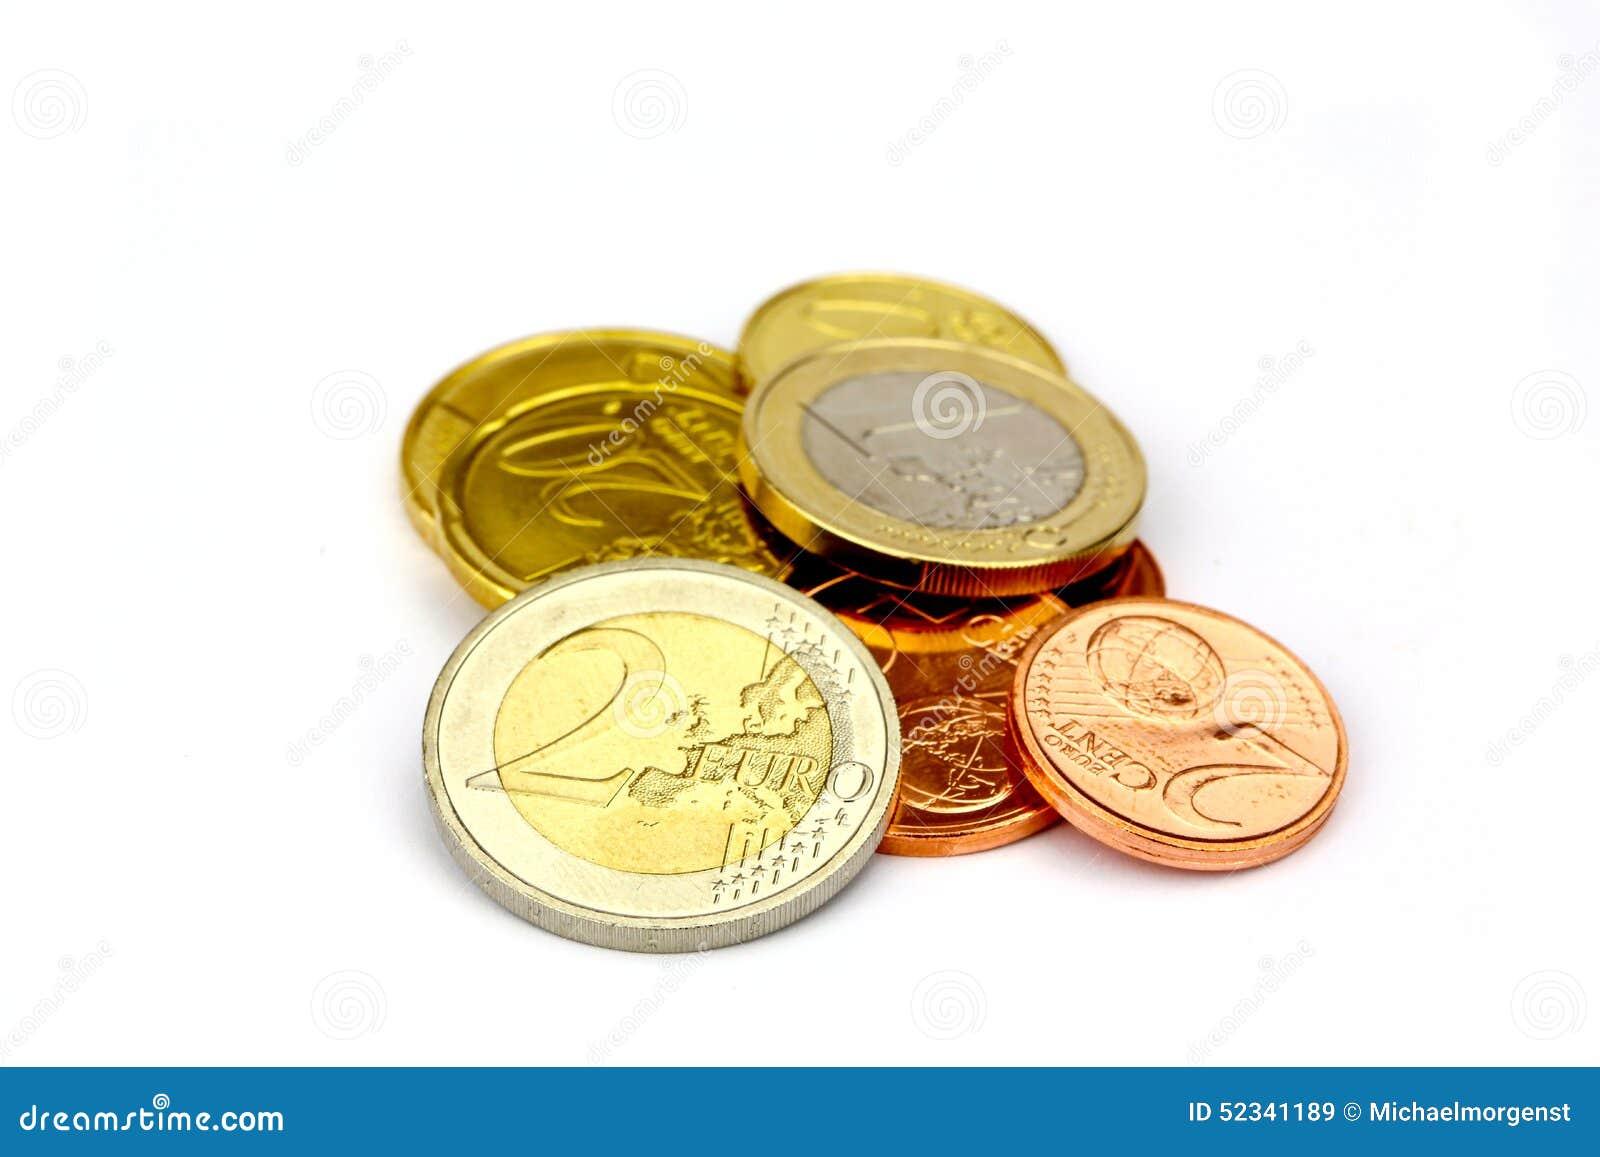 tas d 39 euro pi ces de monnaie image stock image du europ en isolement 52341189. Black Bedroom Furniture Sets. Home Design Ideas